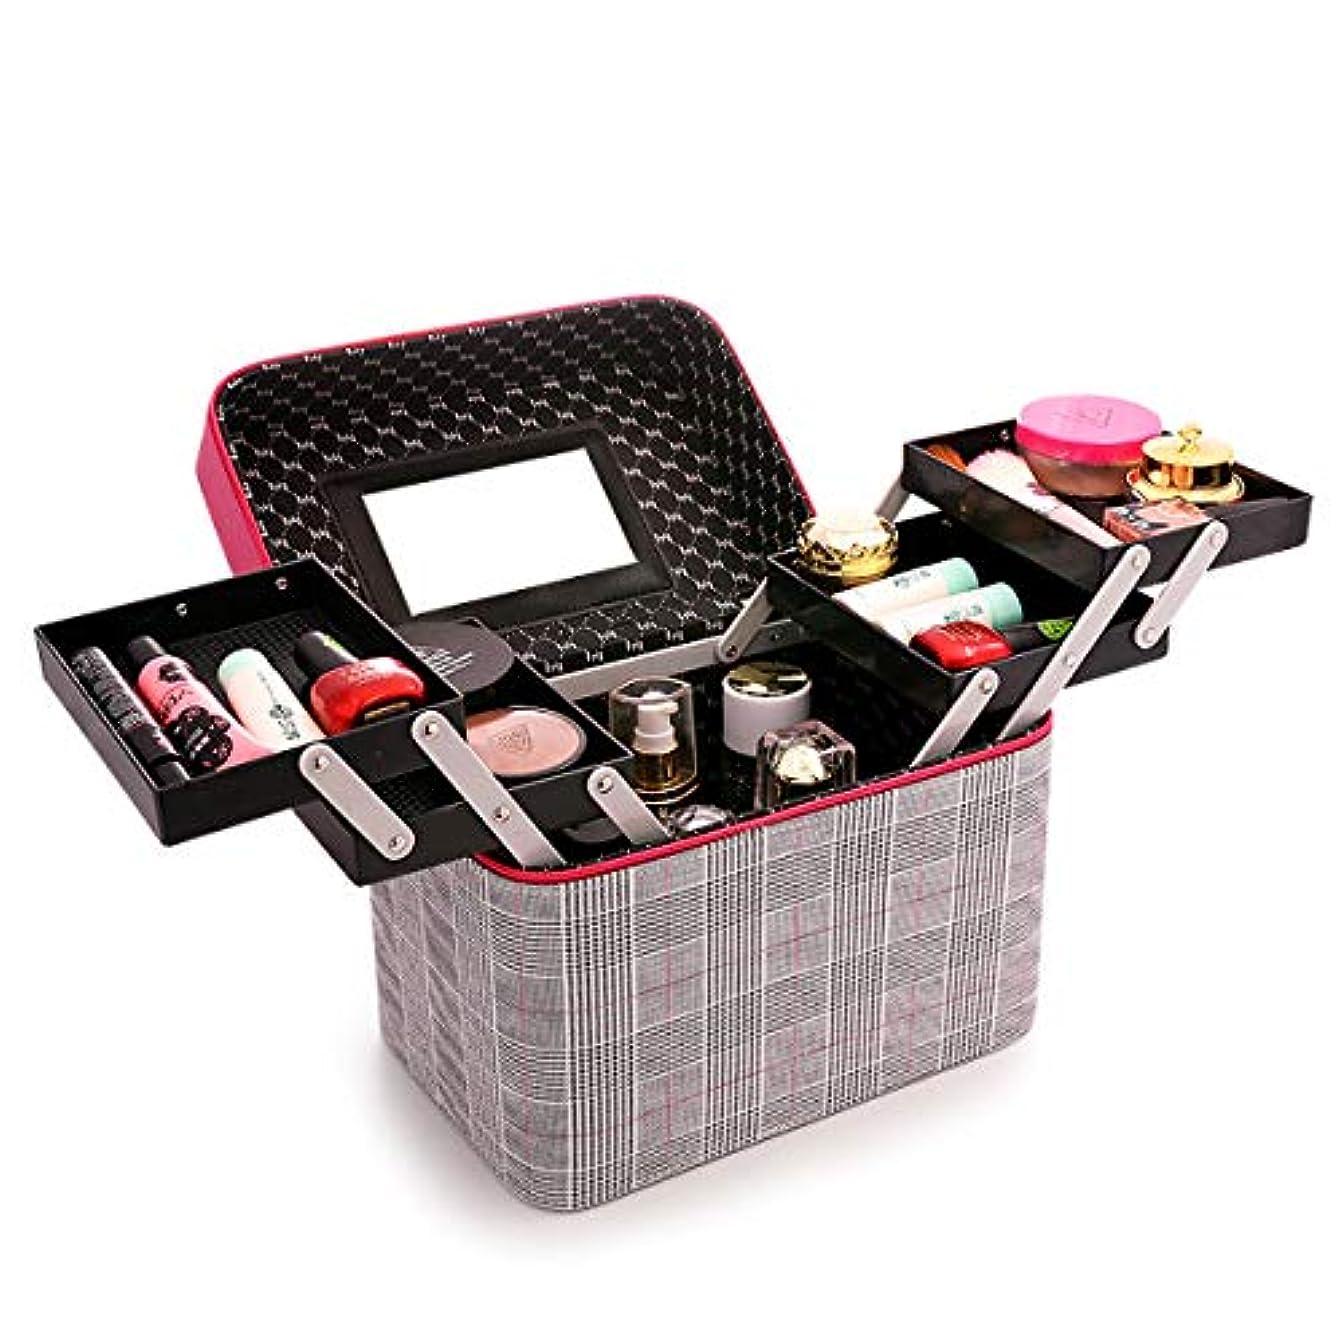 熟したレンディション割り当て化粧品収納ボックス 化粧品ケース メイクボックス メイクボックス コスメボックス 大容量 収納ケース 小物入れ 大容量 取っ手付 (ローズレッド)